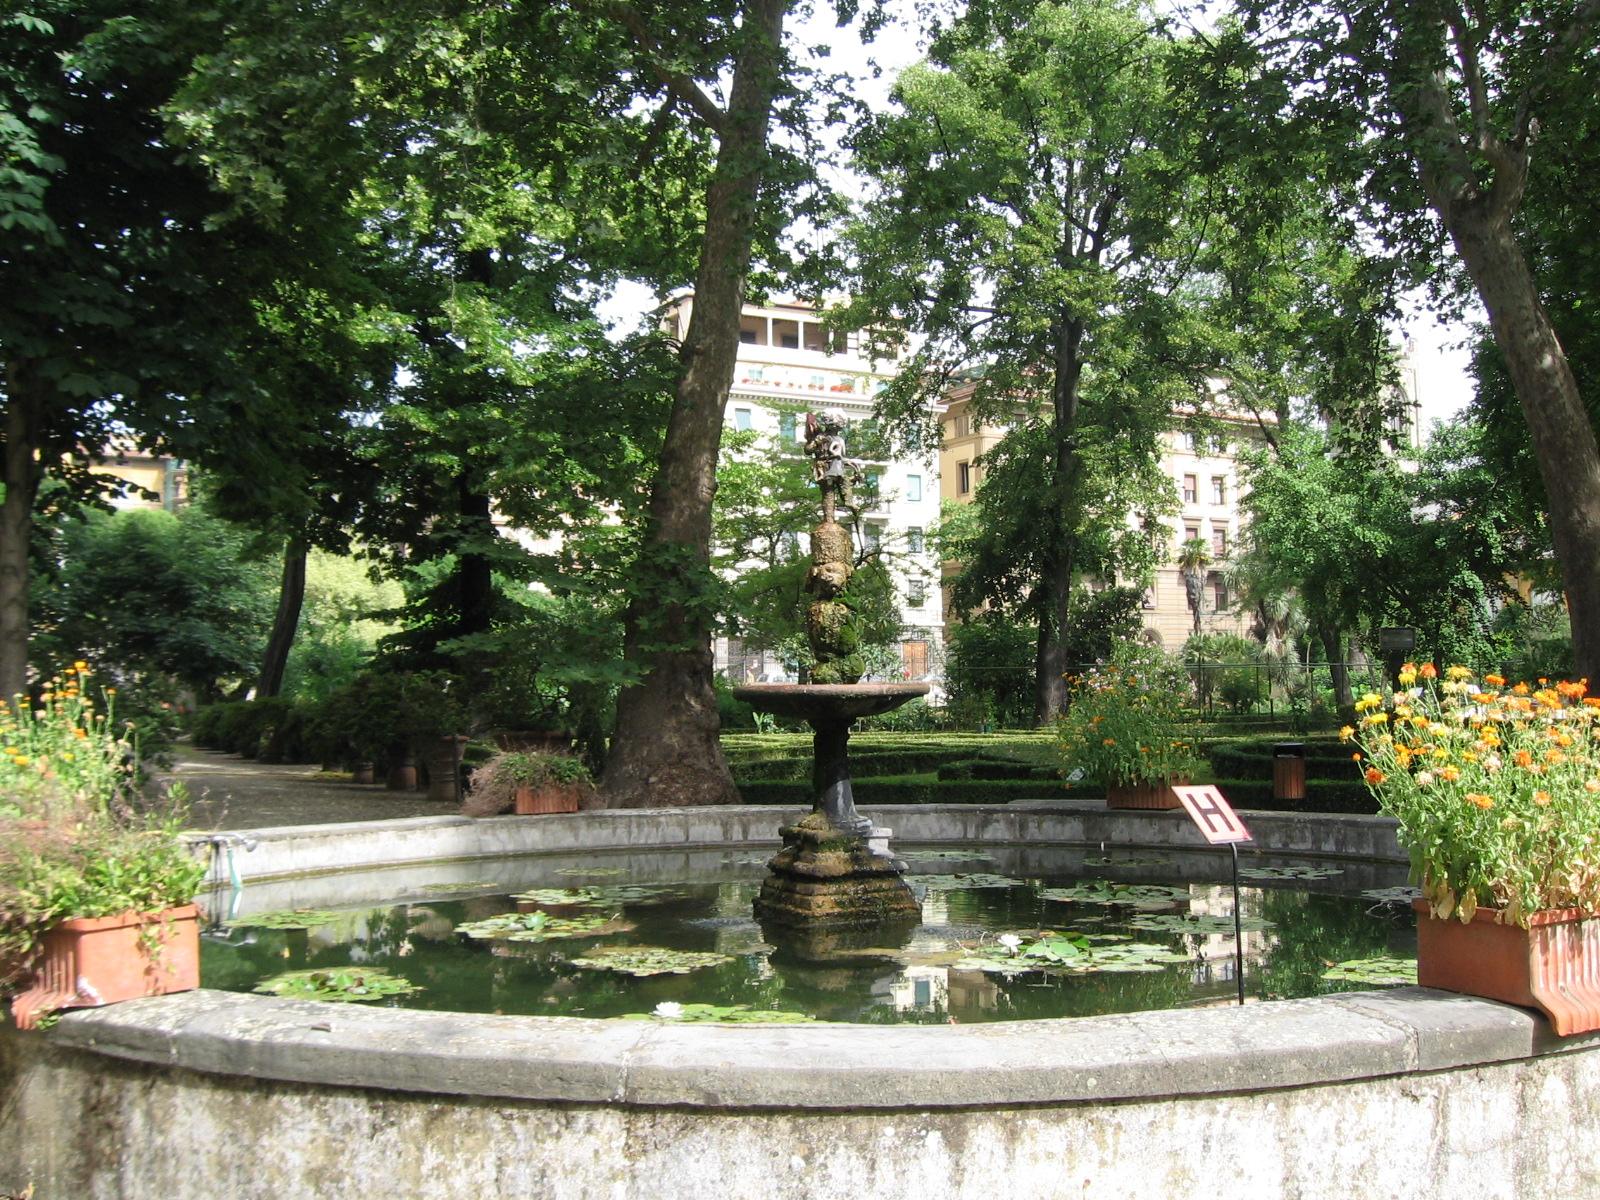 L 39 orto botanico di firenze festeggia 470 anni l erborista for Giardino orto botanico firenze